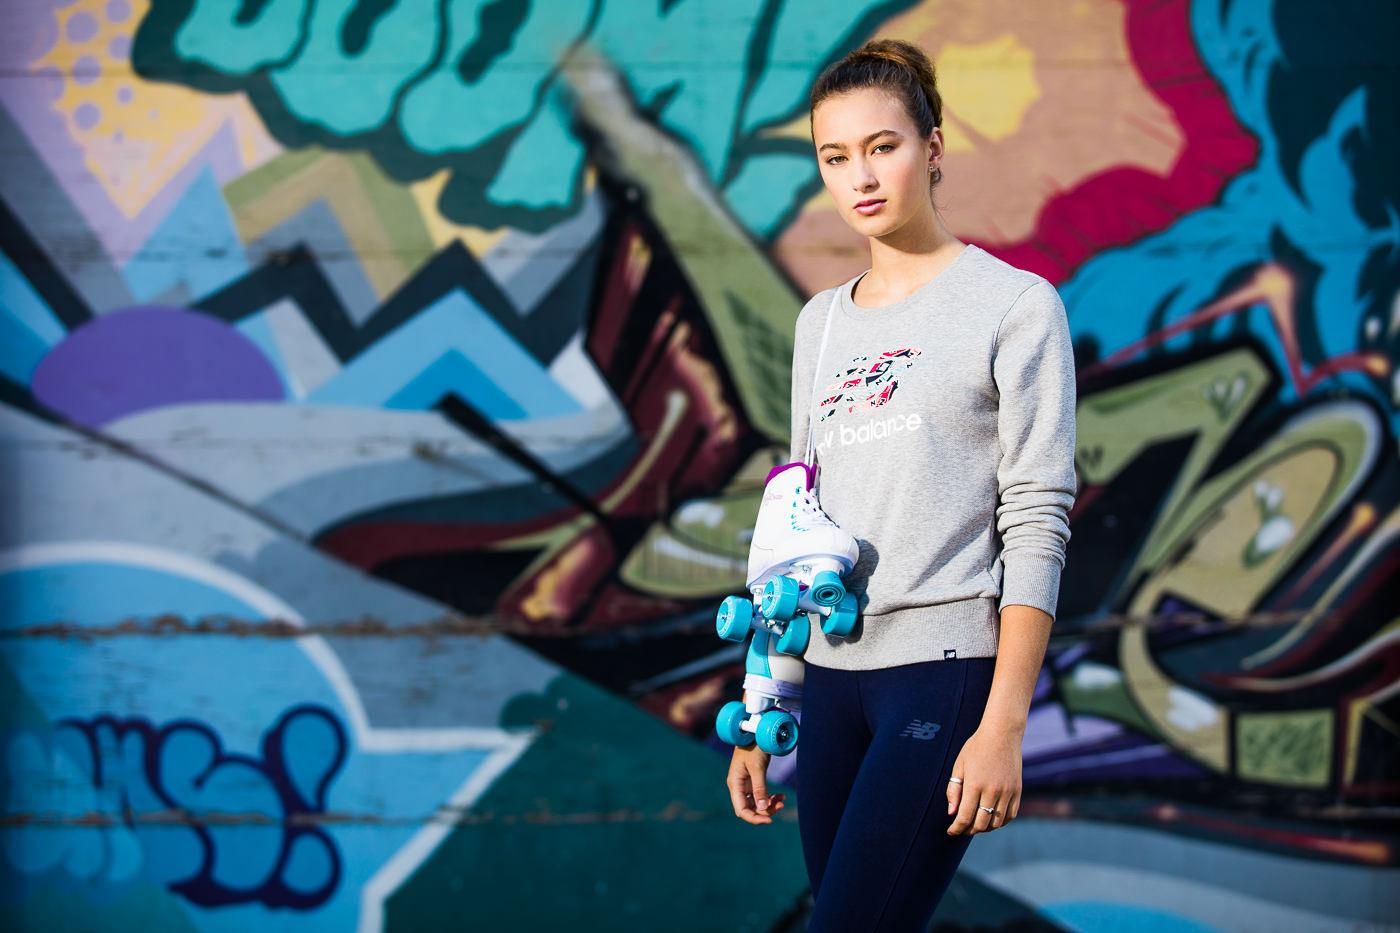 photo commerciale sports experts vetements femmes campagne printemps été urbain